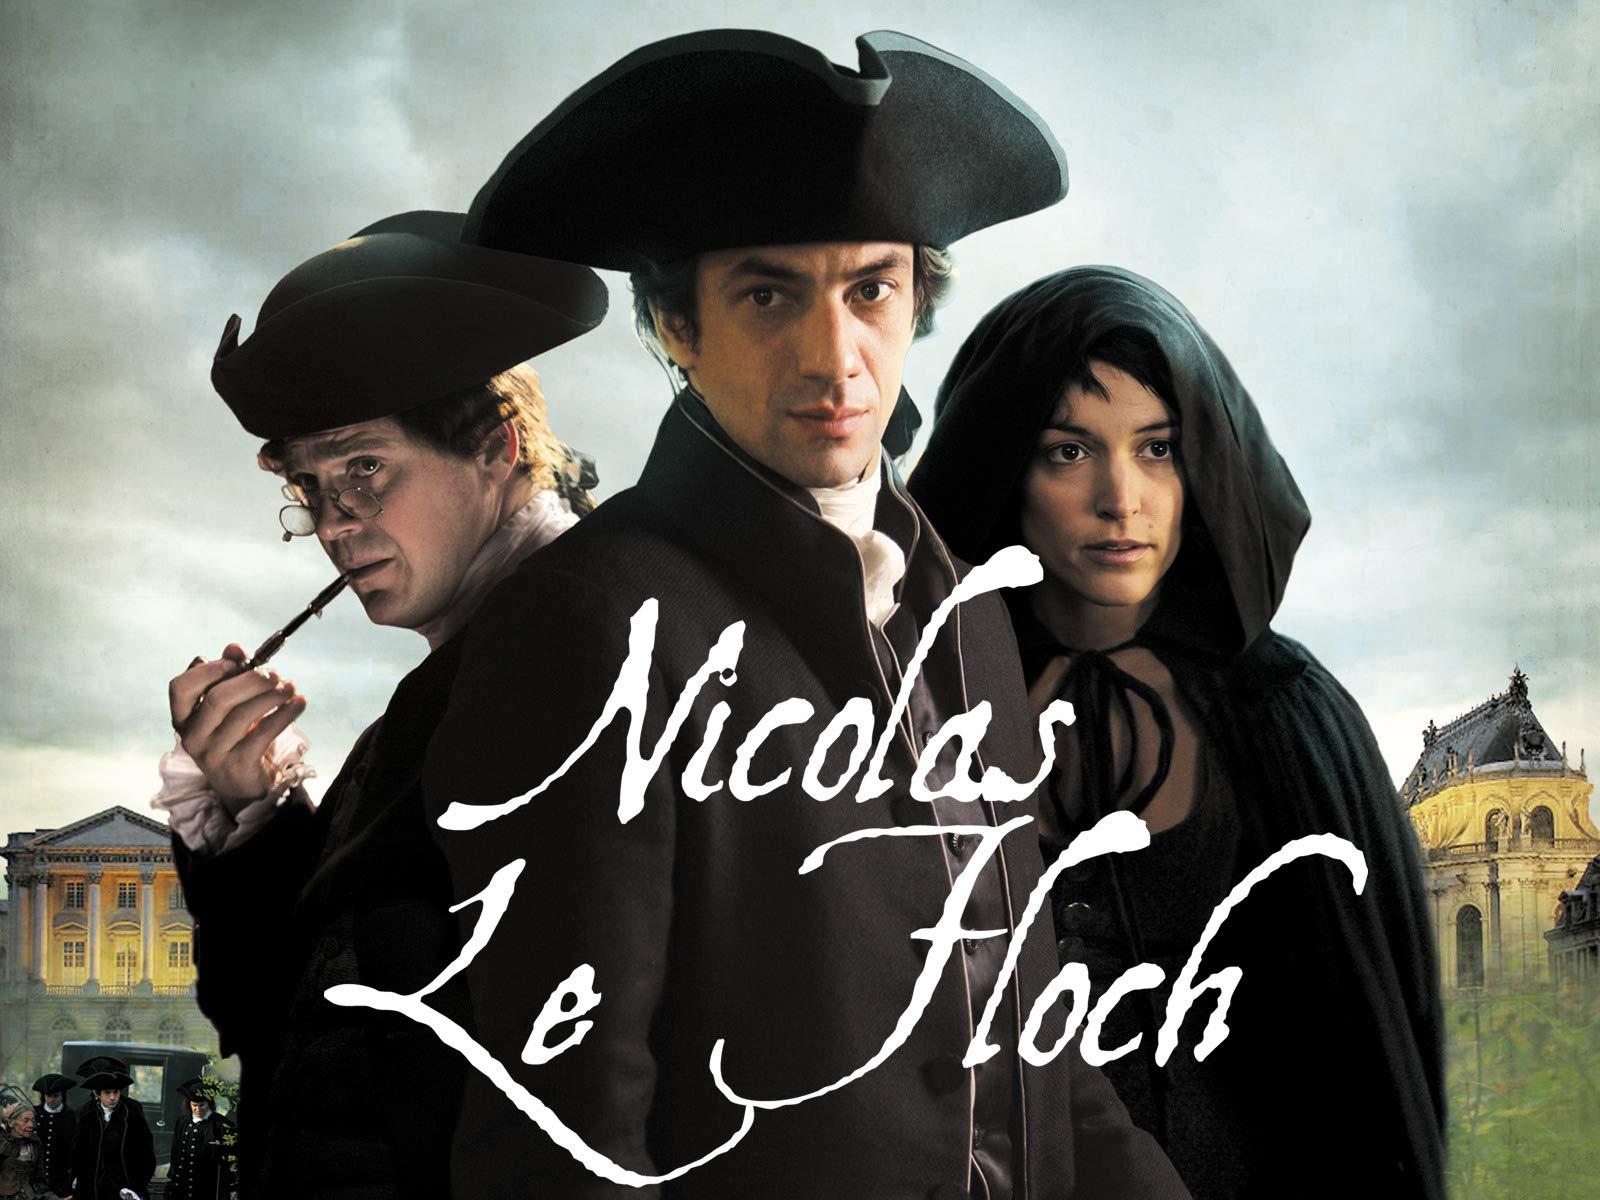 Nicolas Le Floch (English subtitles)